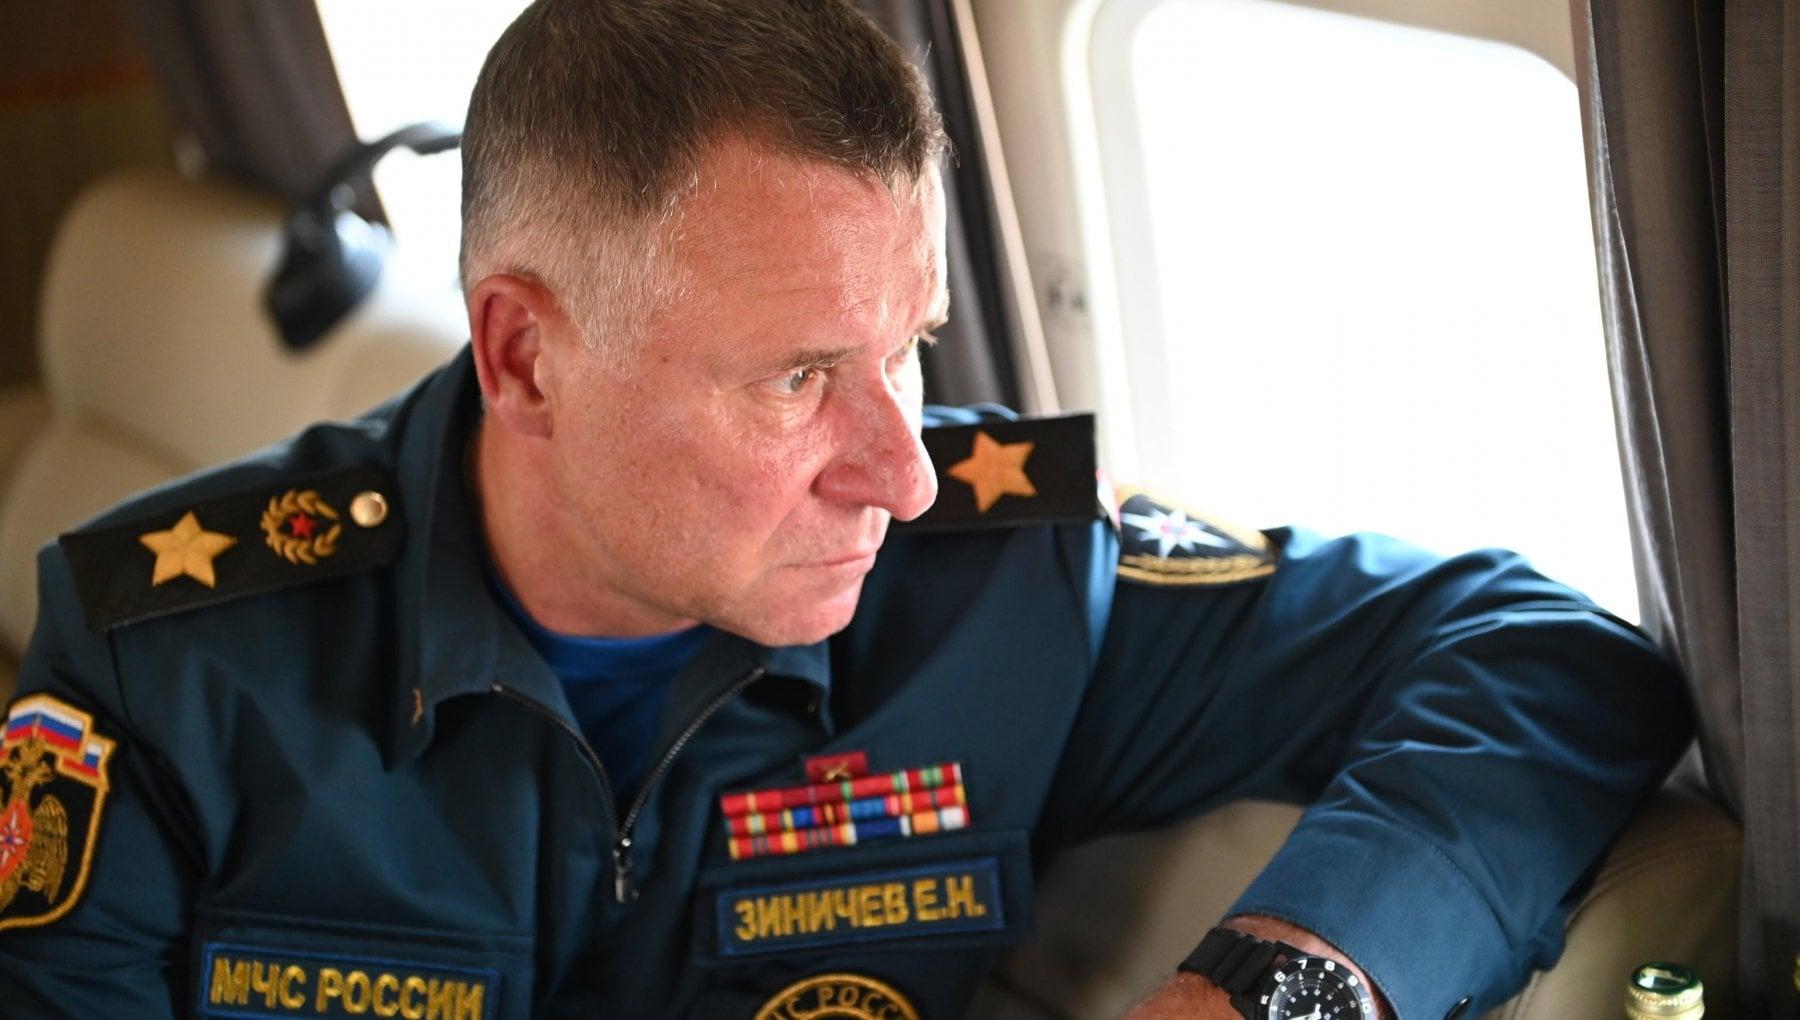 201523885 1f880c41 3775 4c9b b112 be5f80af5752 - Russia, il ministro muore durante un'esercitazione nell'Artico